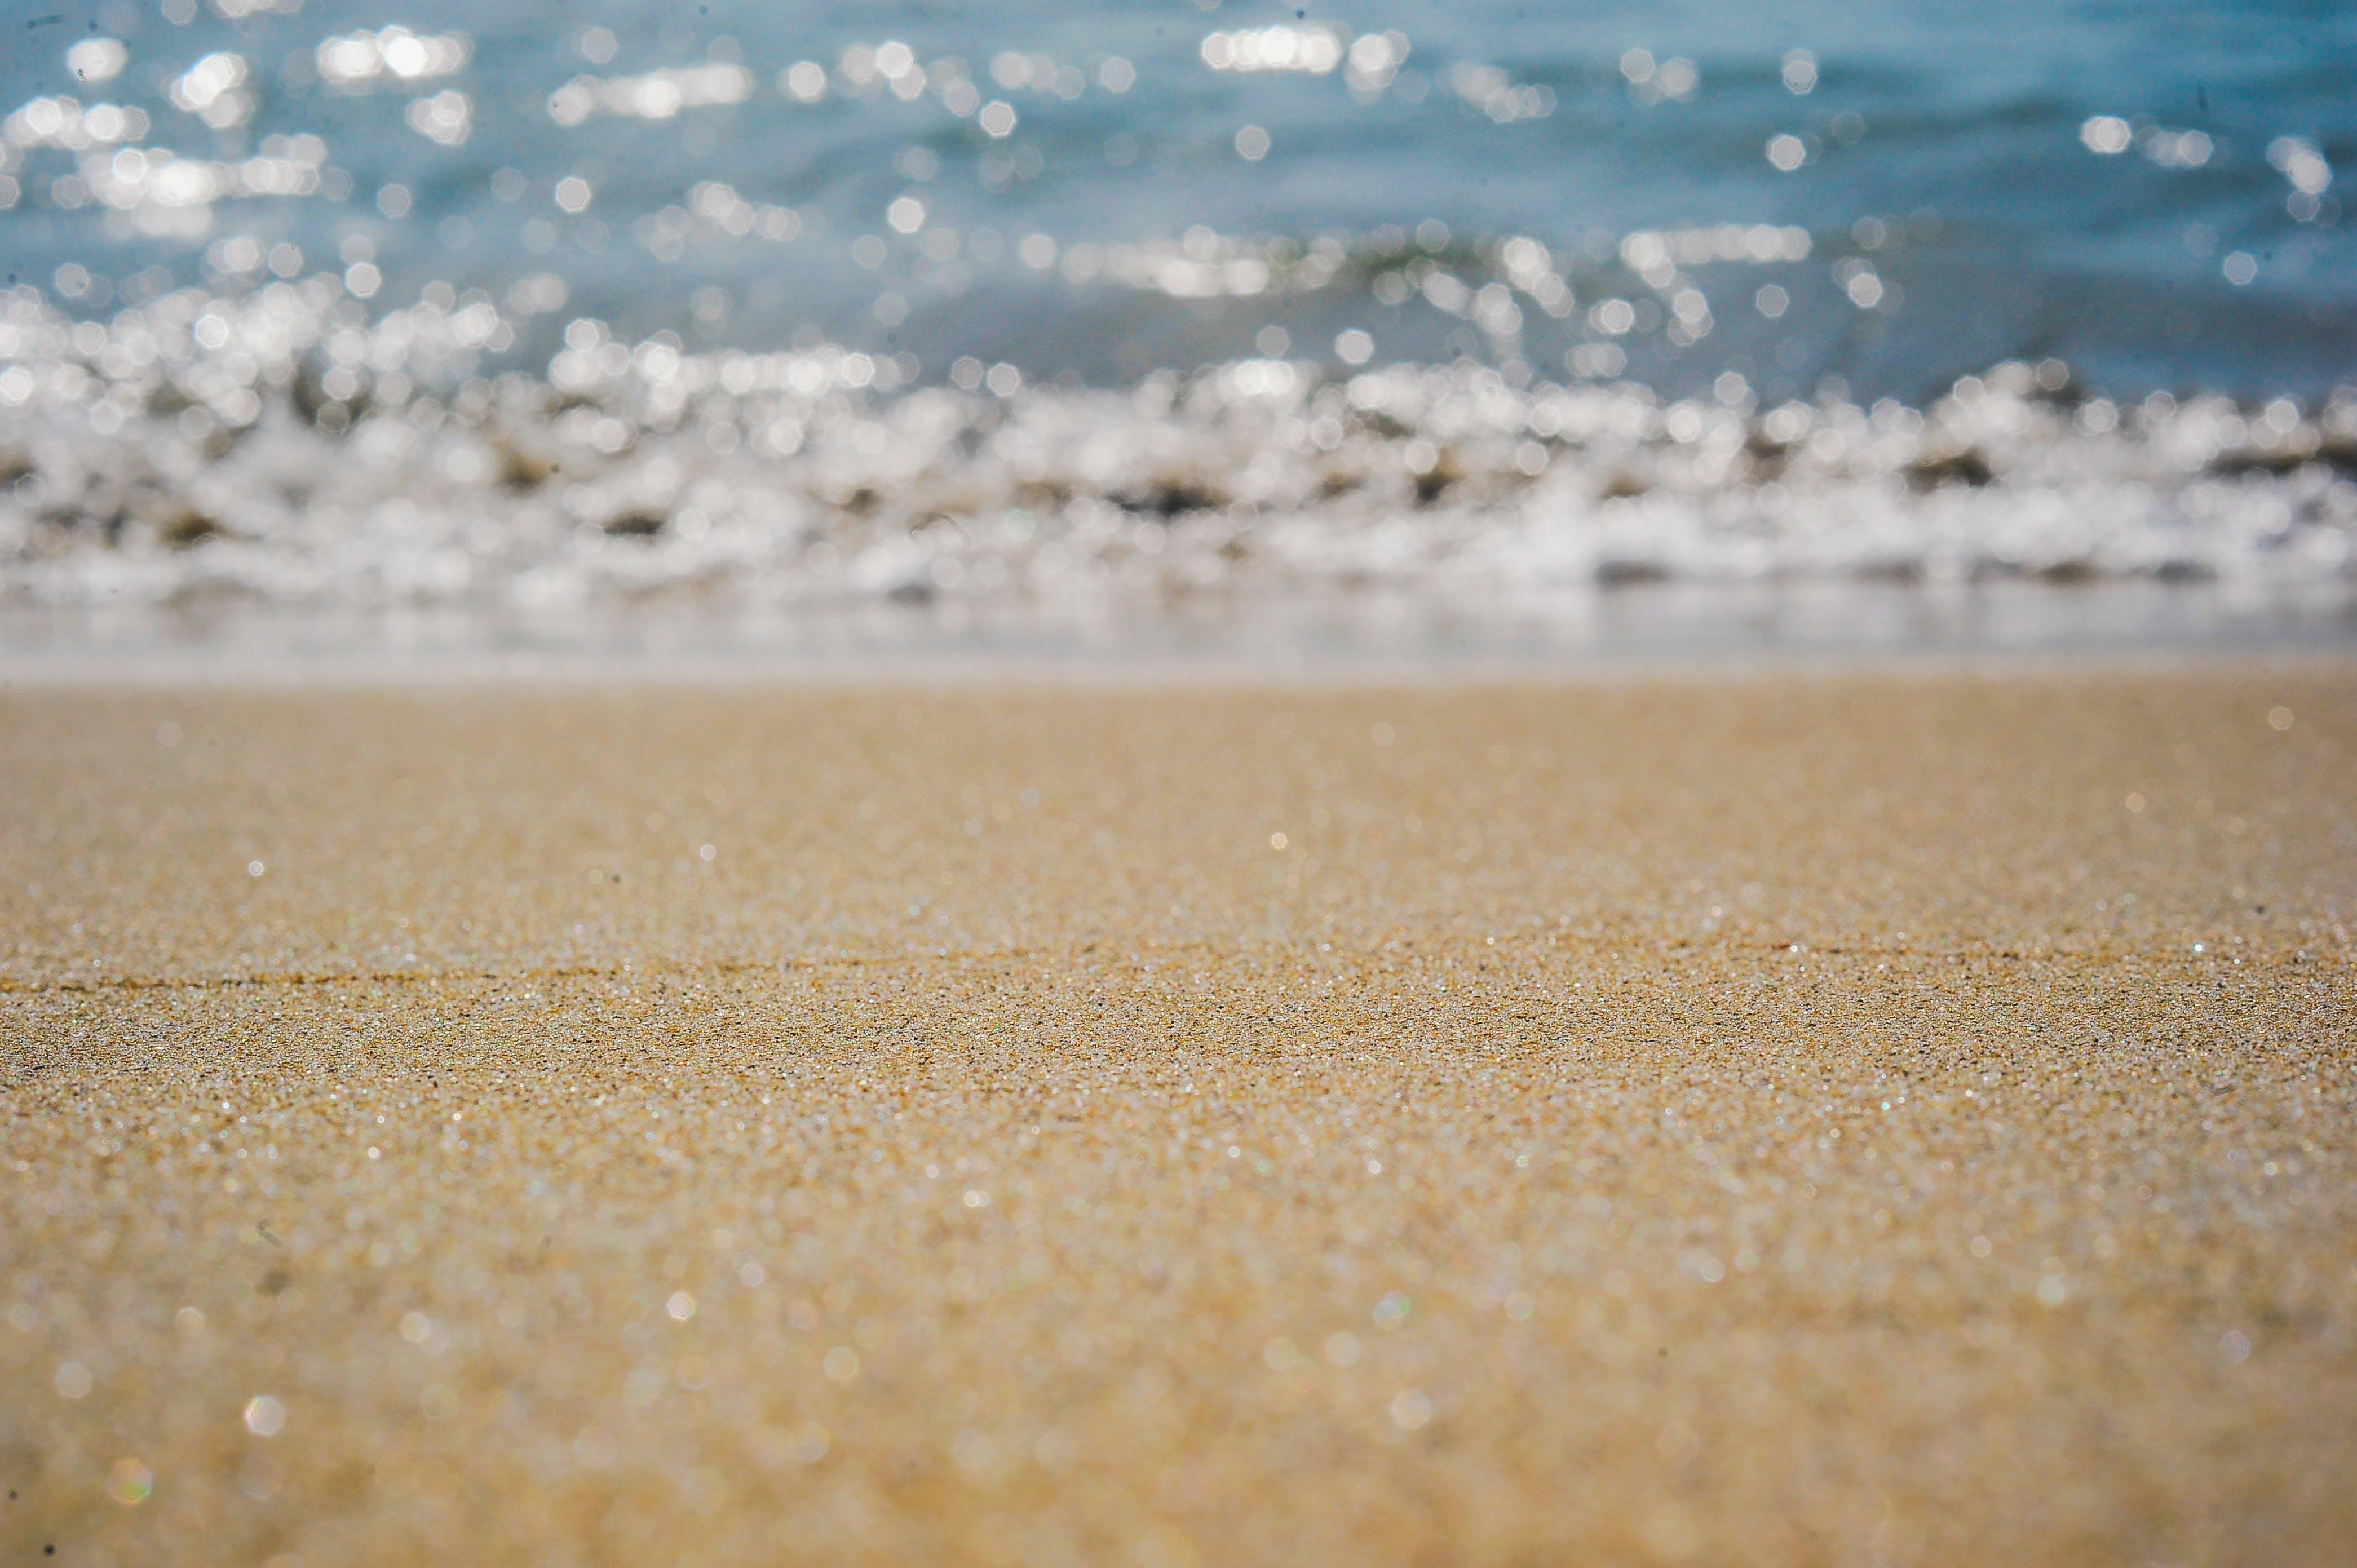 Fotos de stock gratuitas de agua, al lado del océano, arena, concentrarse